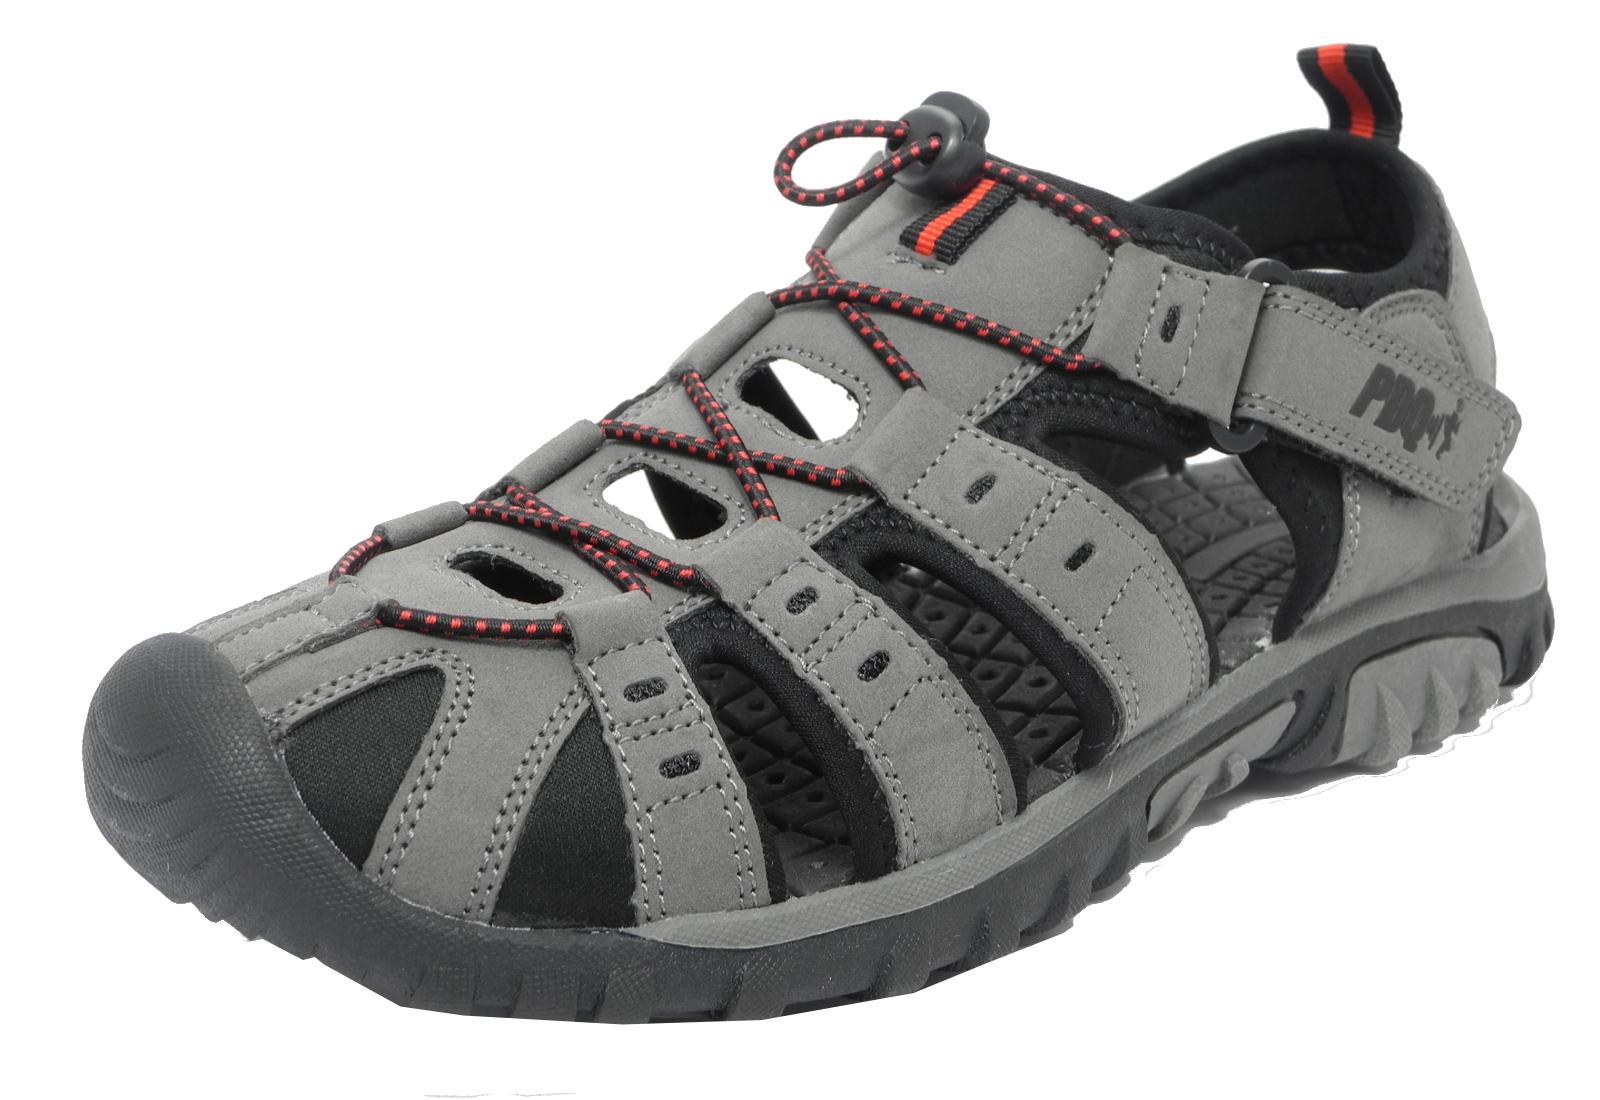 herren jungs pdq sport wandern geschlossen wandern sandalen gr e 3 12 ebay. Black Bedroom Furniture Sets. Home Design Ideas